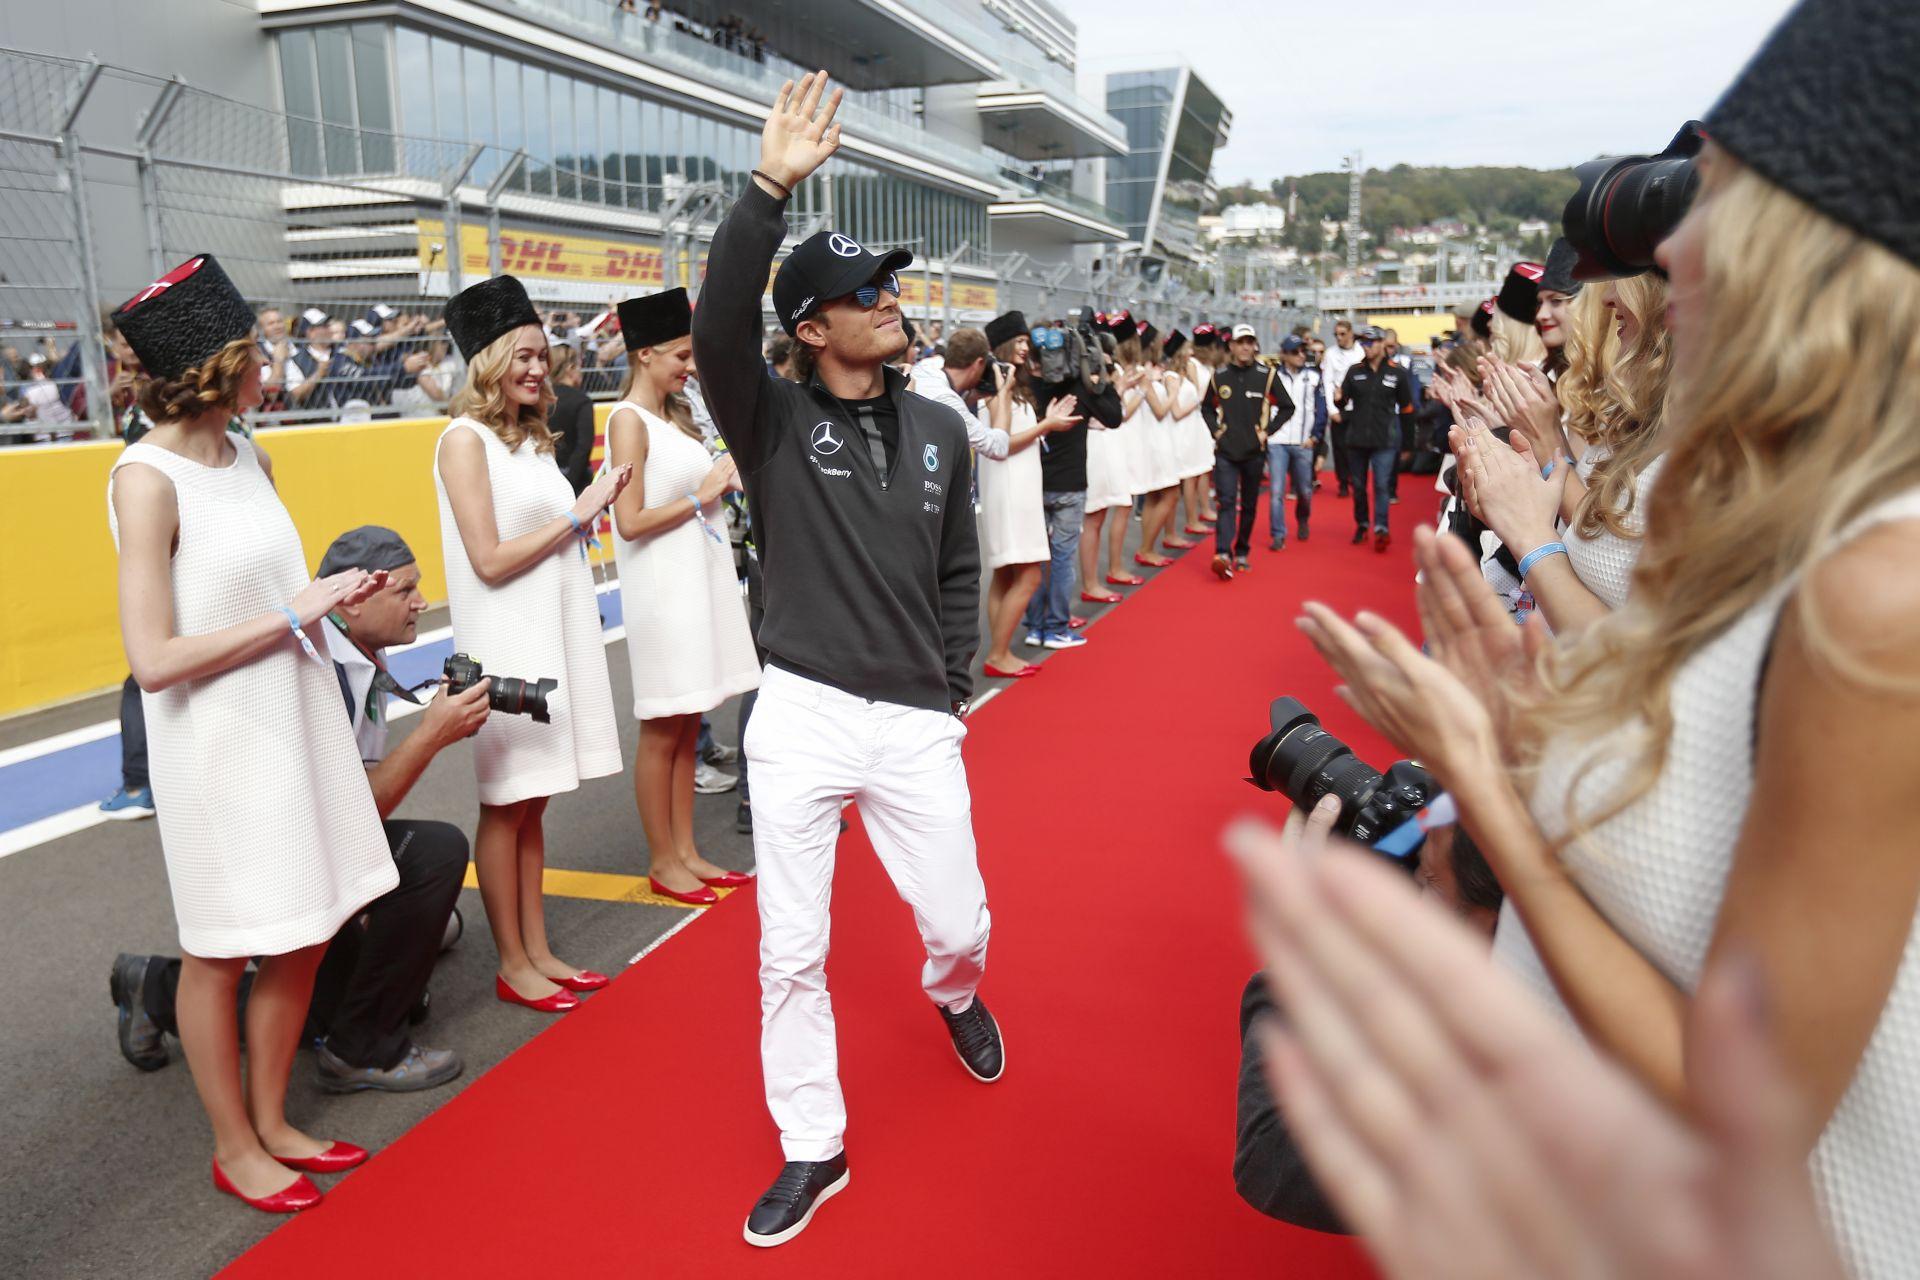 Rosberg soha nem lesz világbajnok, ha ilyen alapvető hibákkal szembesül a Mercedesnél!